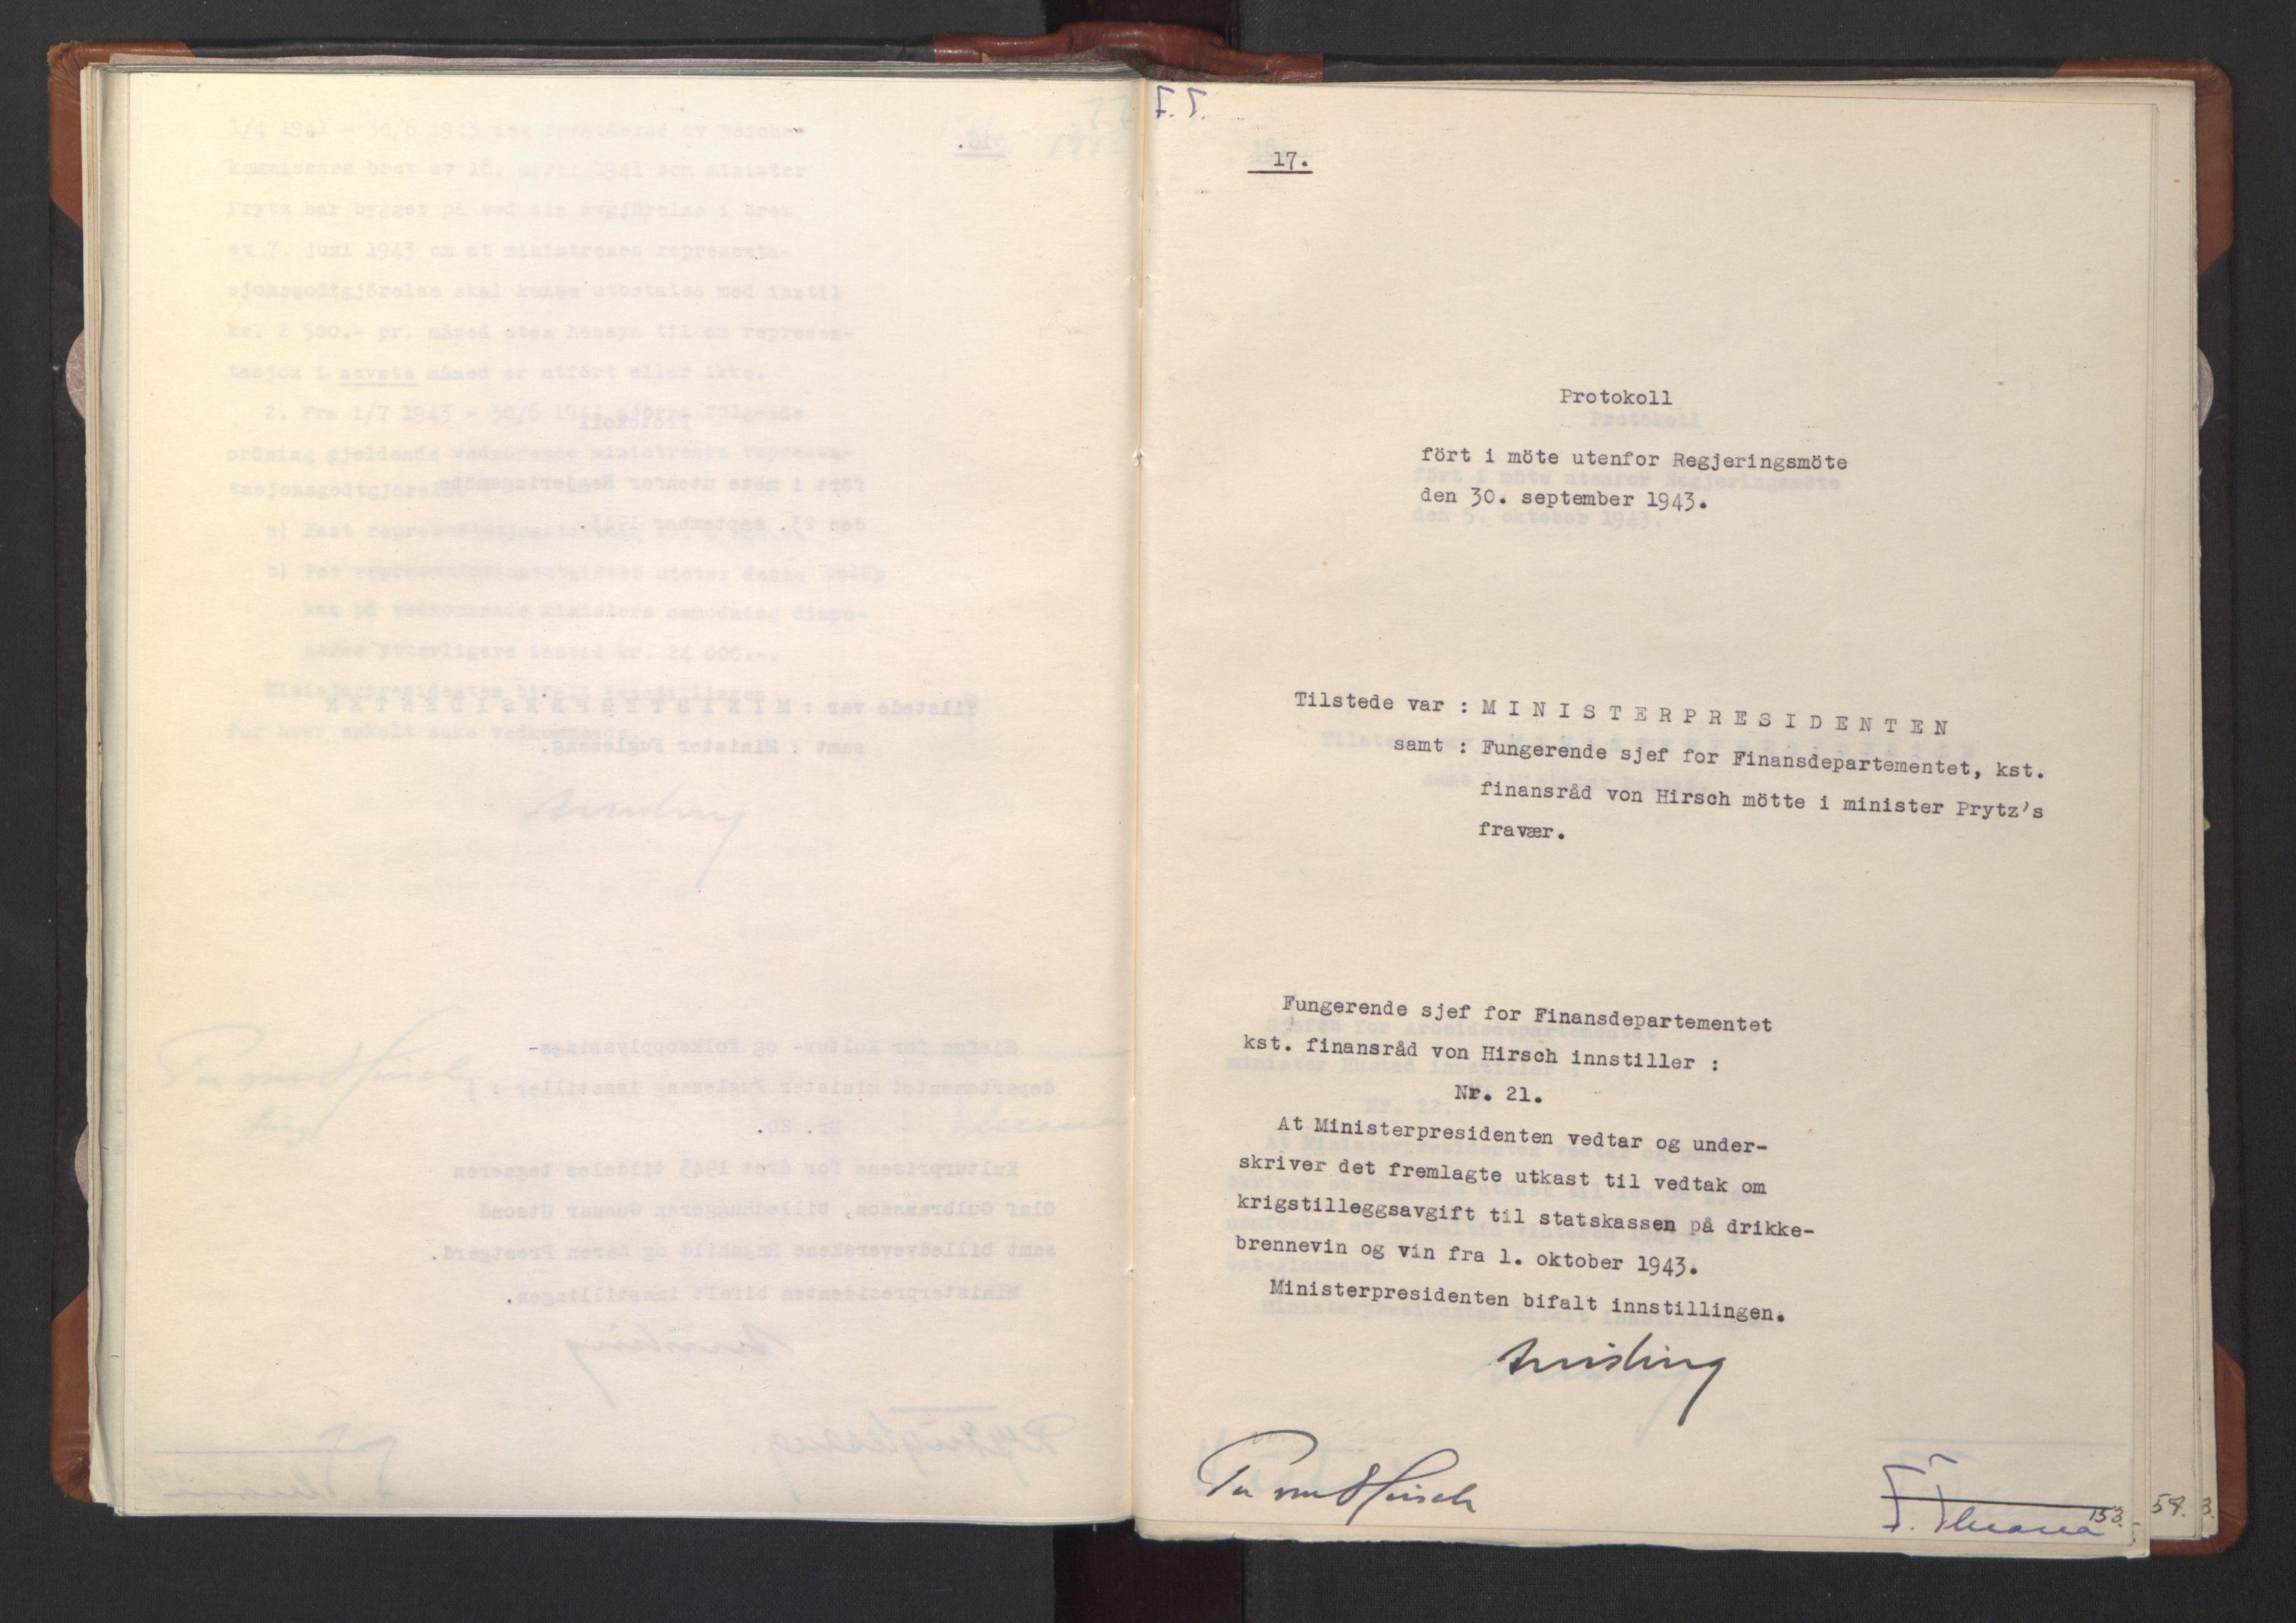 RA, NS-administrasjonen 1940-1945 (Statsrådsekretariatet, de kommisariske statsråder mm), D/Da/L0003: Vedtak (Beslutninger) nr. 1-746 og tillegg nr. 1-47 (RA. j.nr. 1394/1944, tilgangsnr. 8/1944, 1943, s. 152b-153a